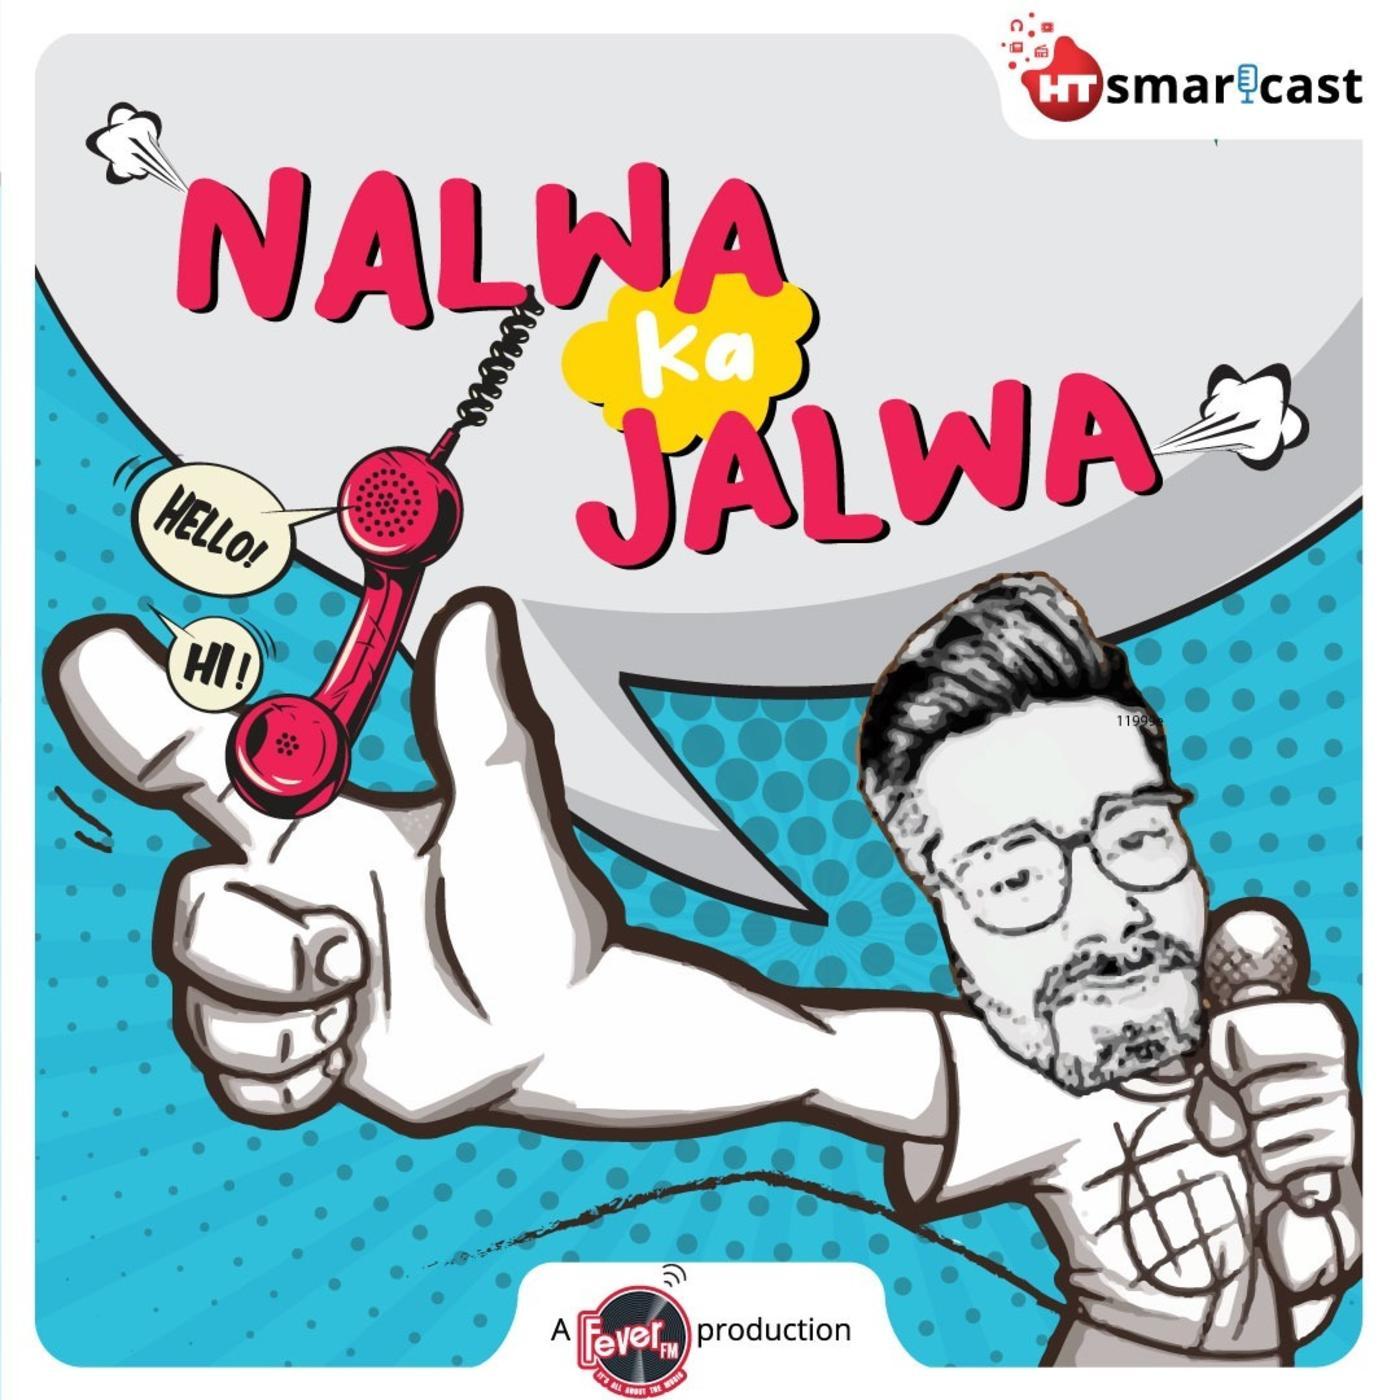 Nalwa Ka Jalwa